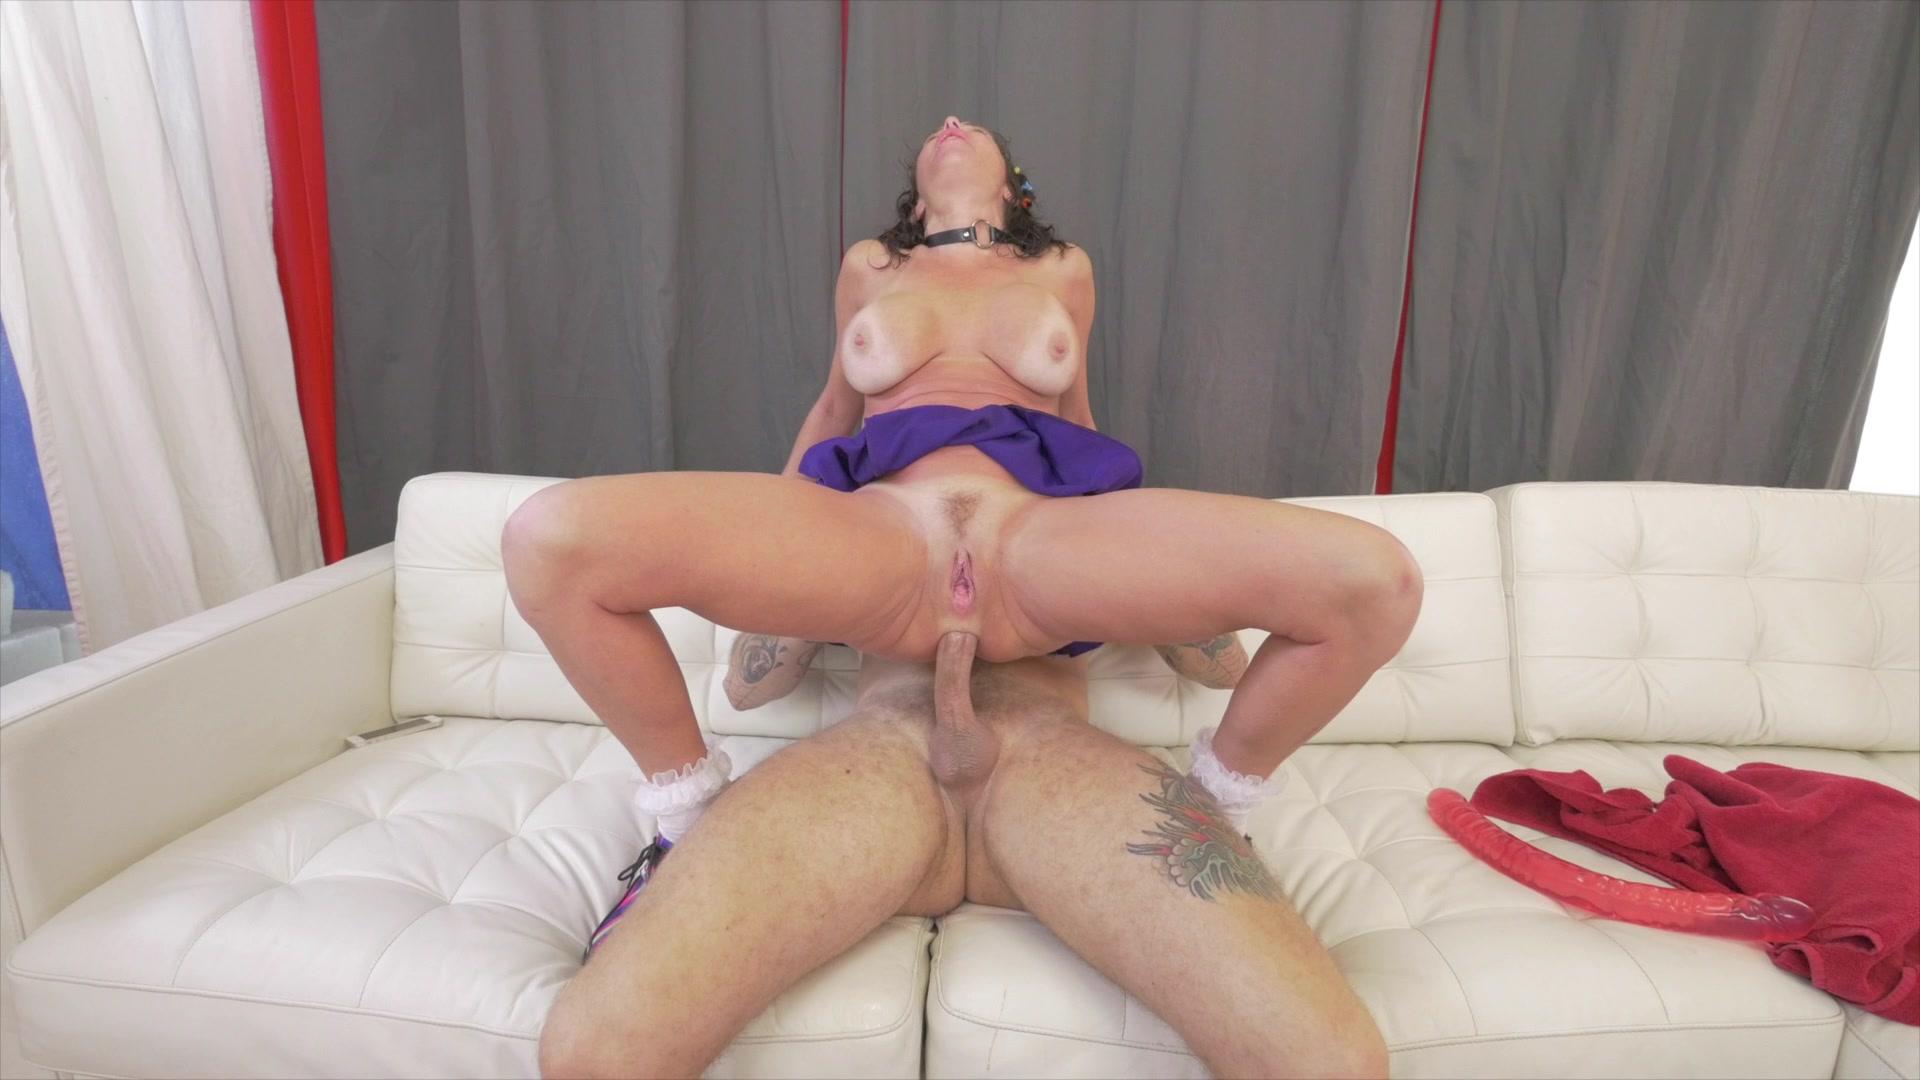 Arya Behind The Scenes Hookup Hotshot Porn hookup hotshot: send nudes (2016)   evil angel - bryan